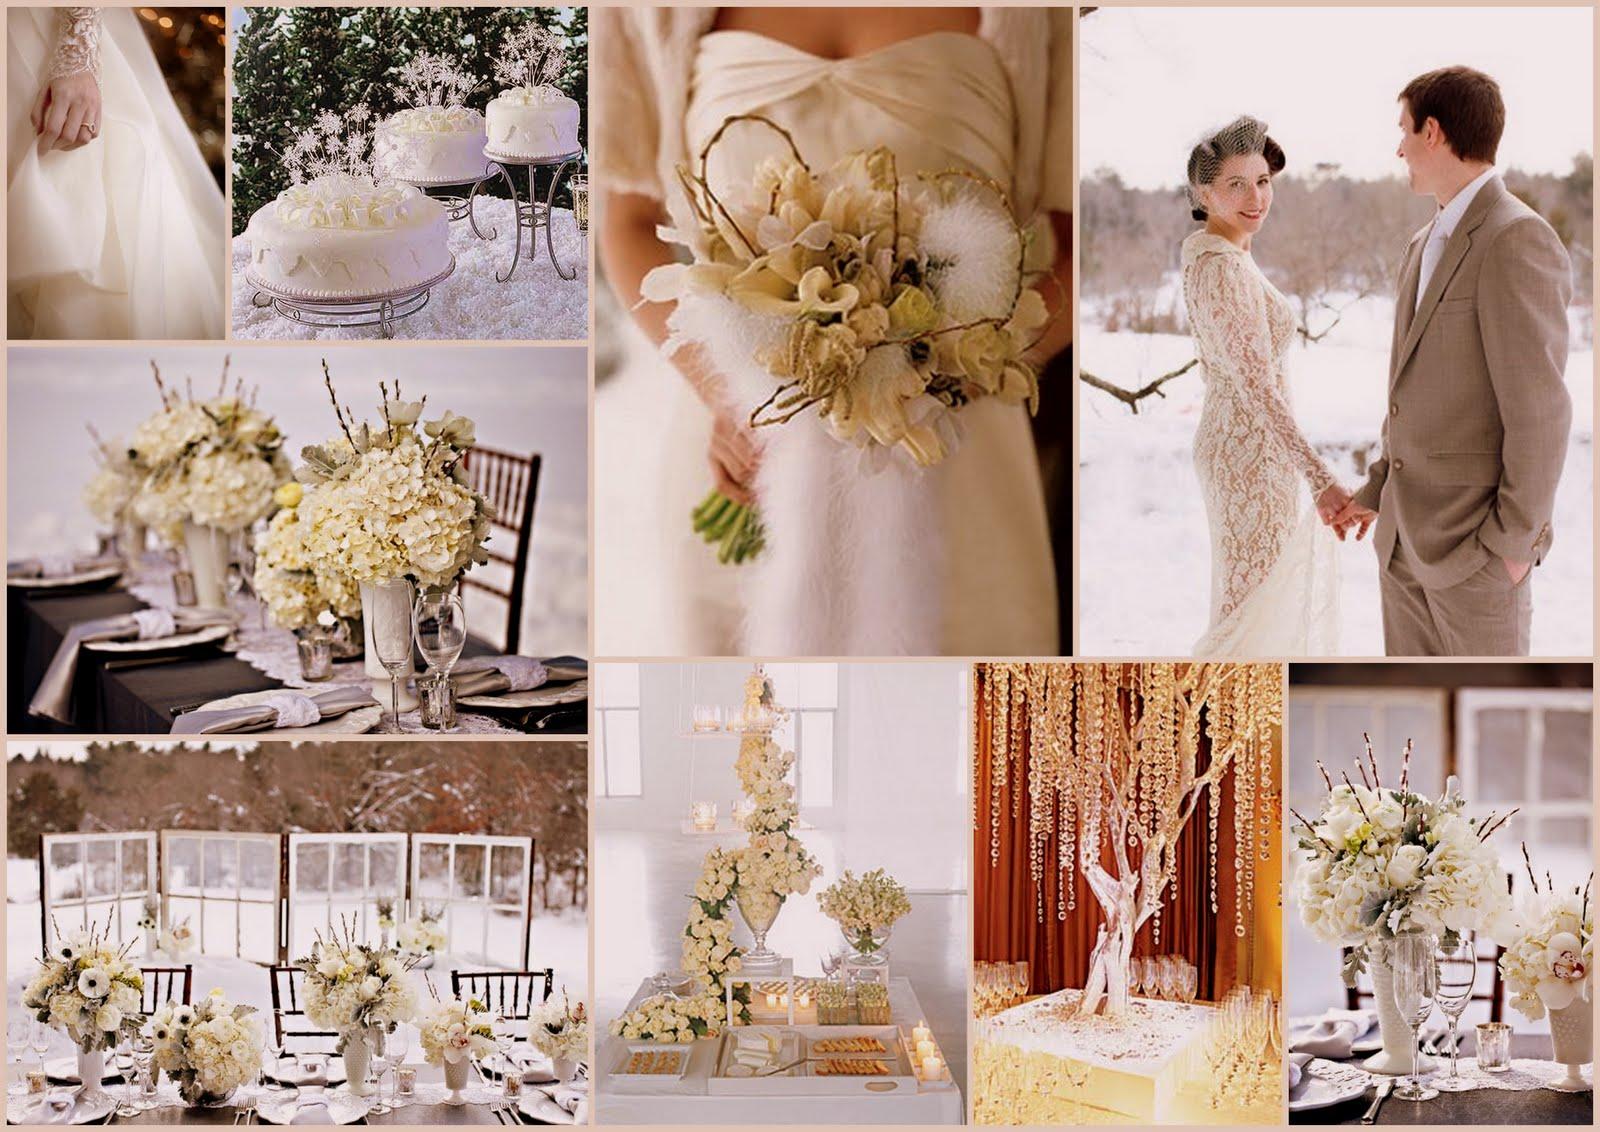 Matrimonio In Wedding : La tua wedding planner matrimonio d inverno